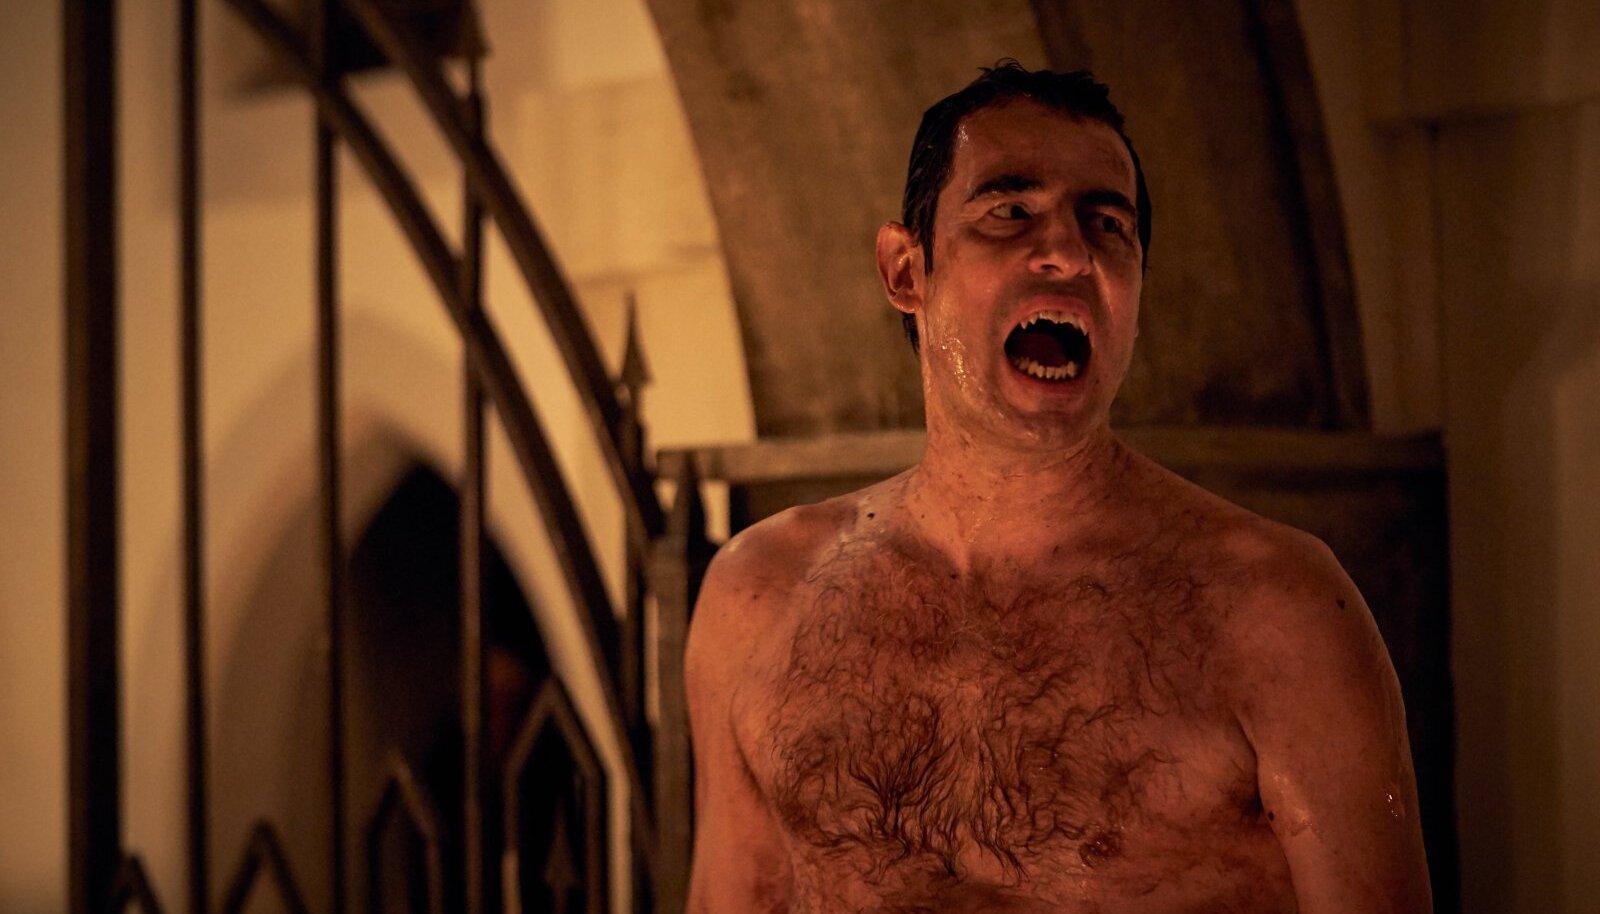 KURIKAVAL ELAJAS: Mõned sekundid varem elusa hundi seest välja pugenud krahv Dracula (Claes Bang) ootab, et saaks kloostris nunnaverd maitsta.